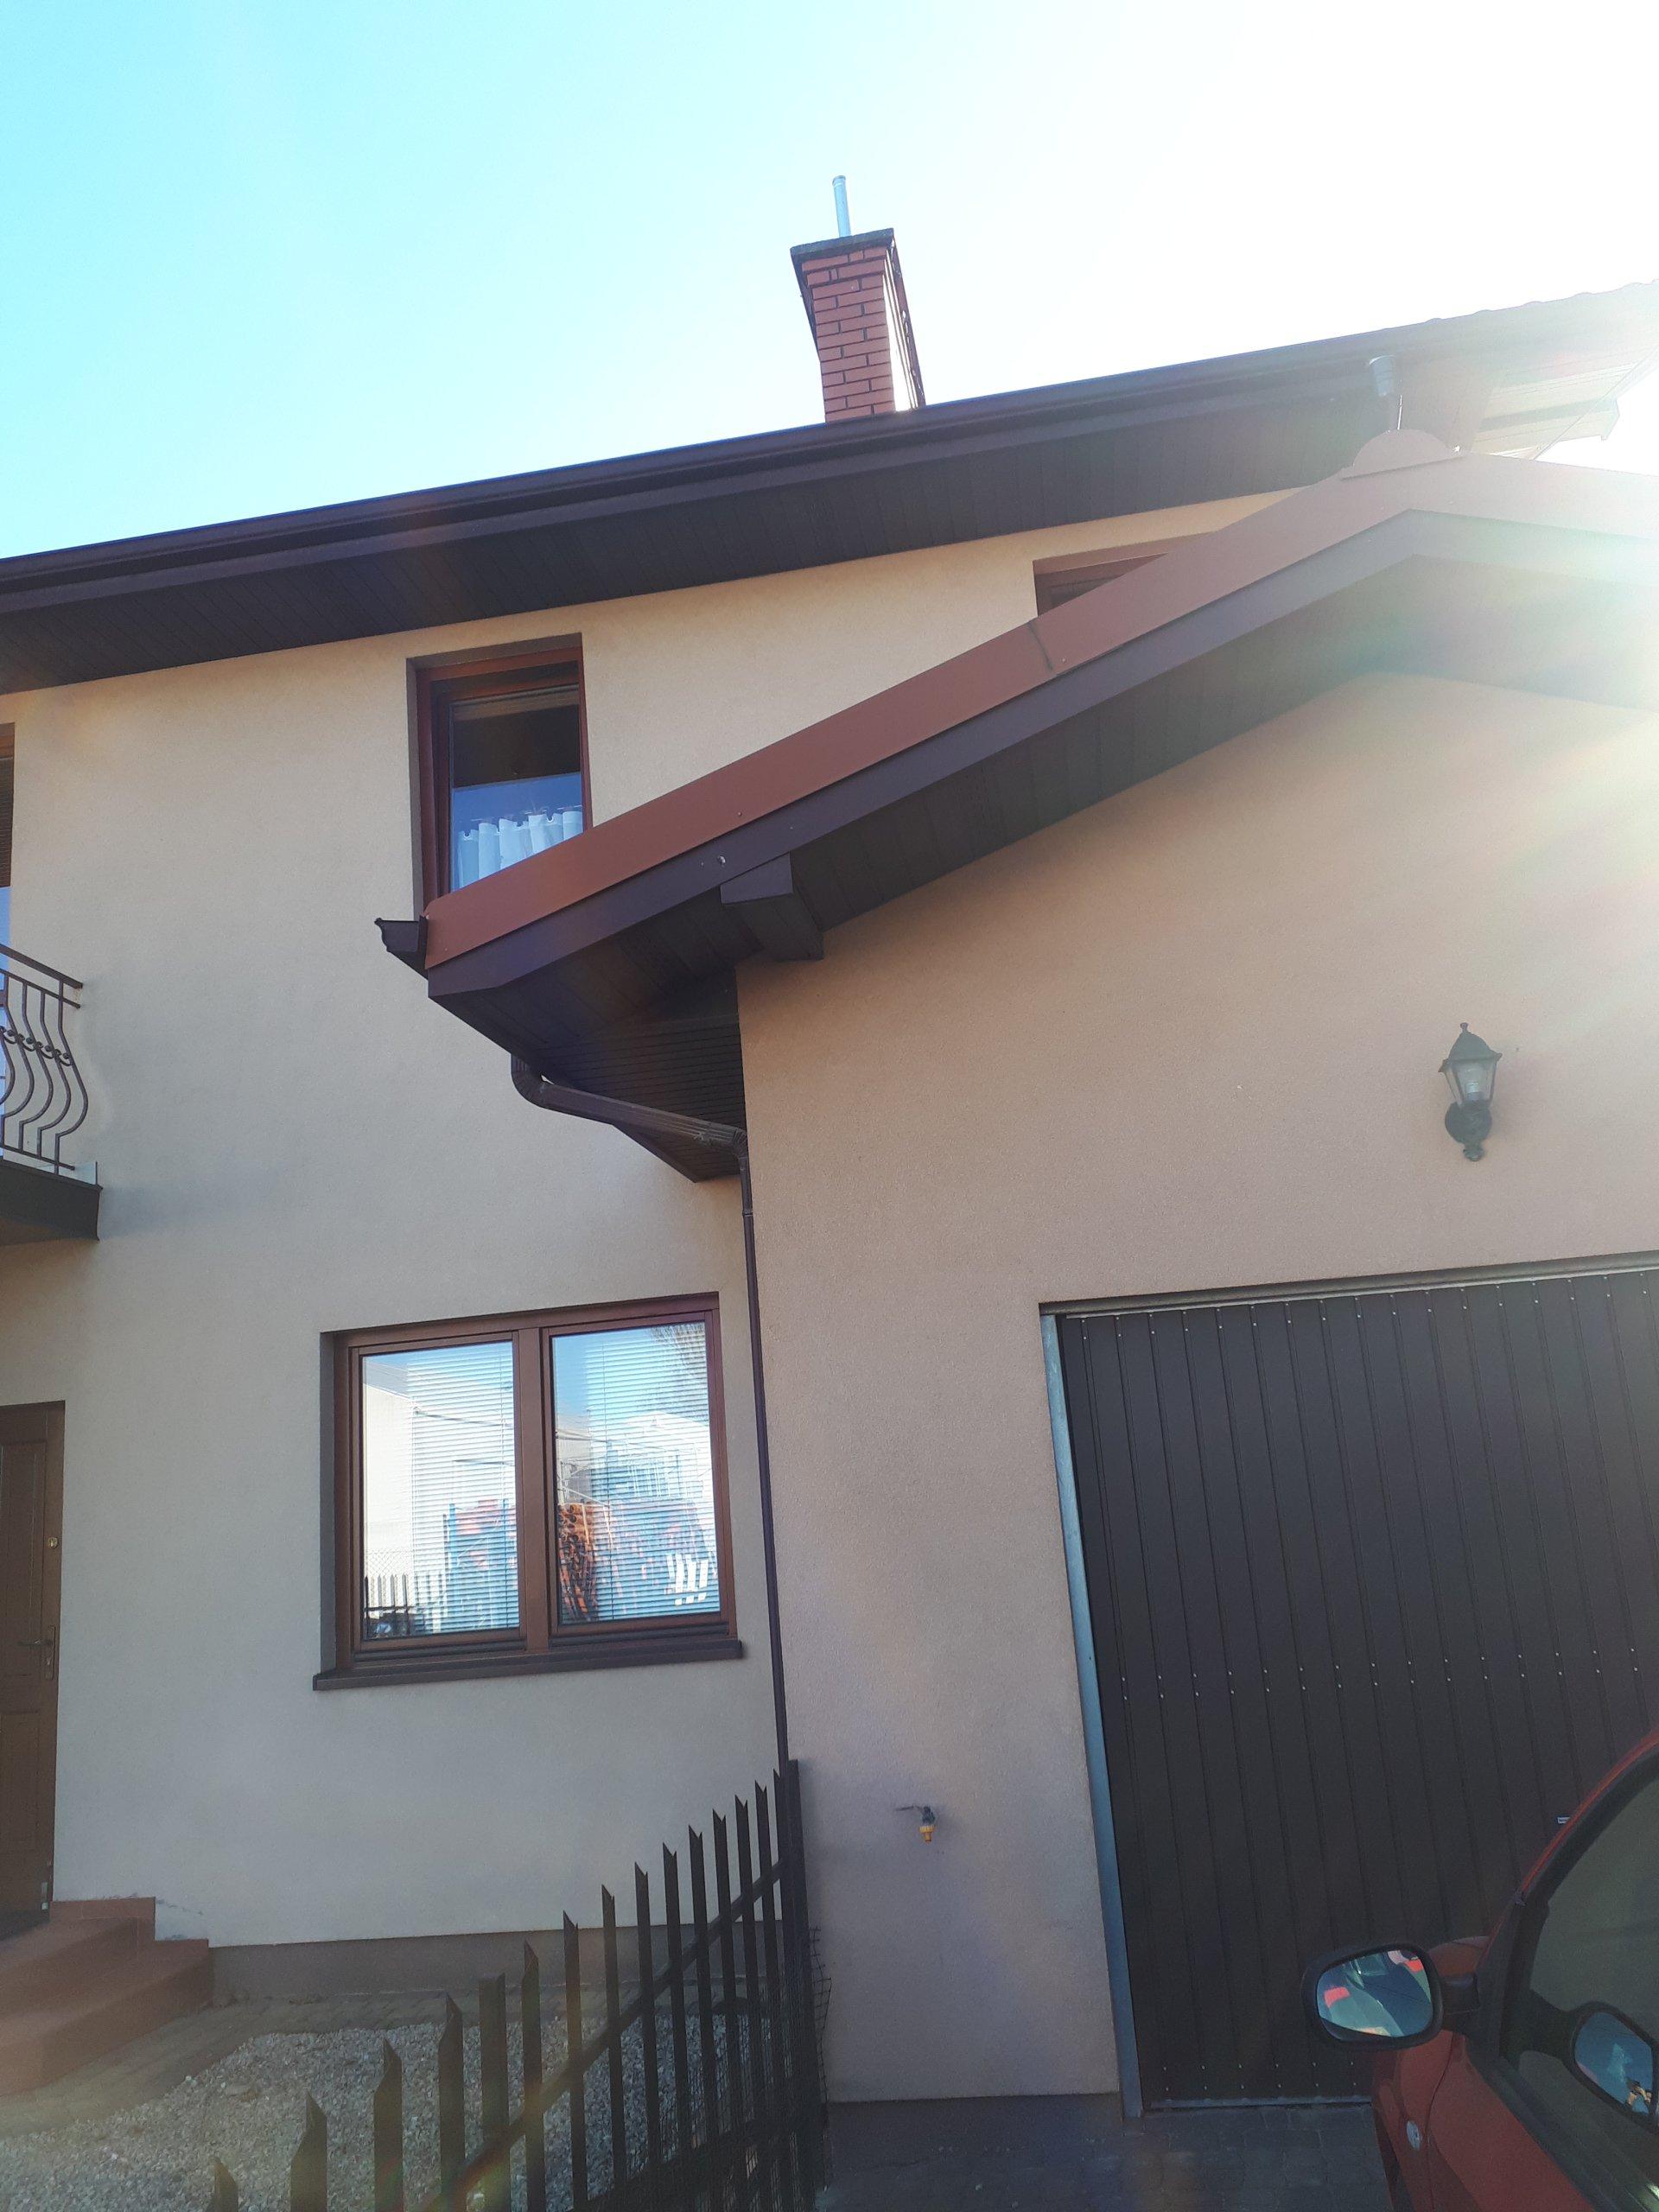 Dom/Mieszkanie bezczynszowe z garażem,działką PKP